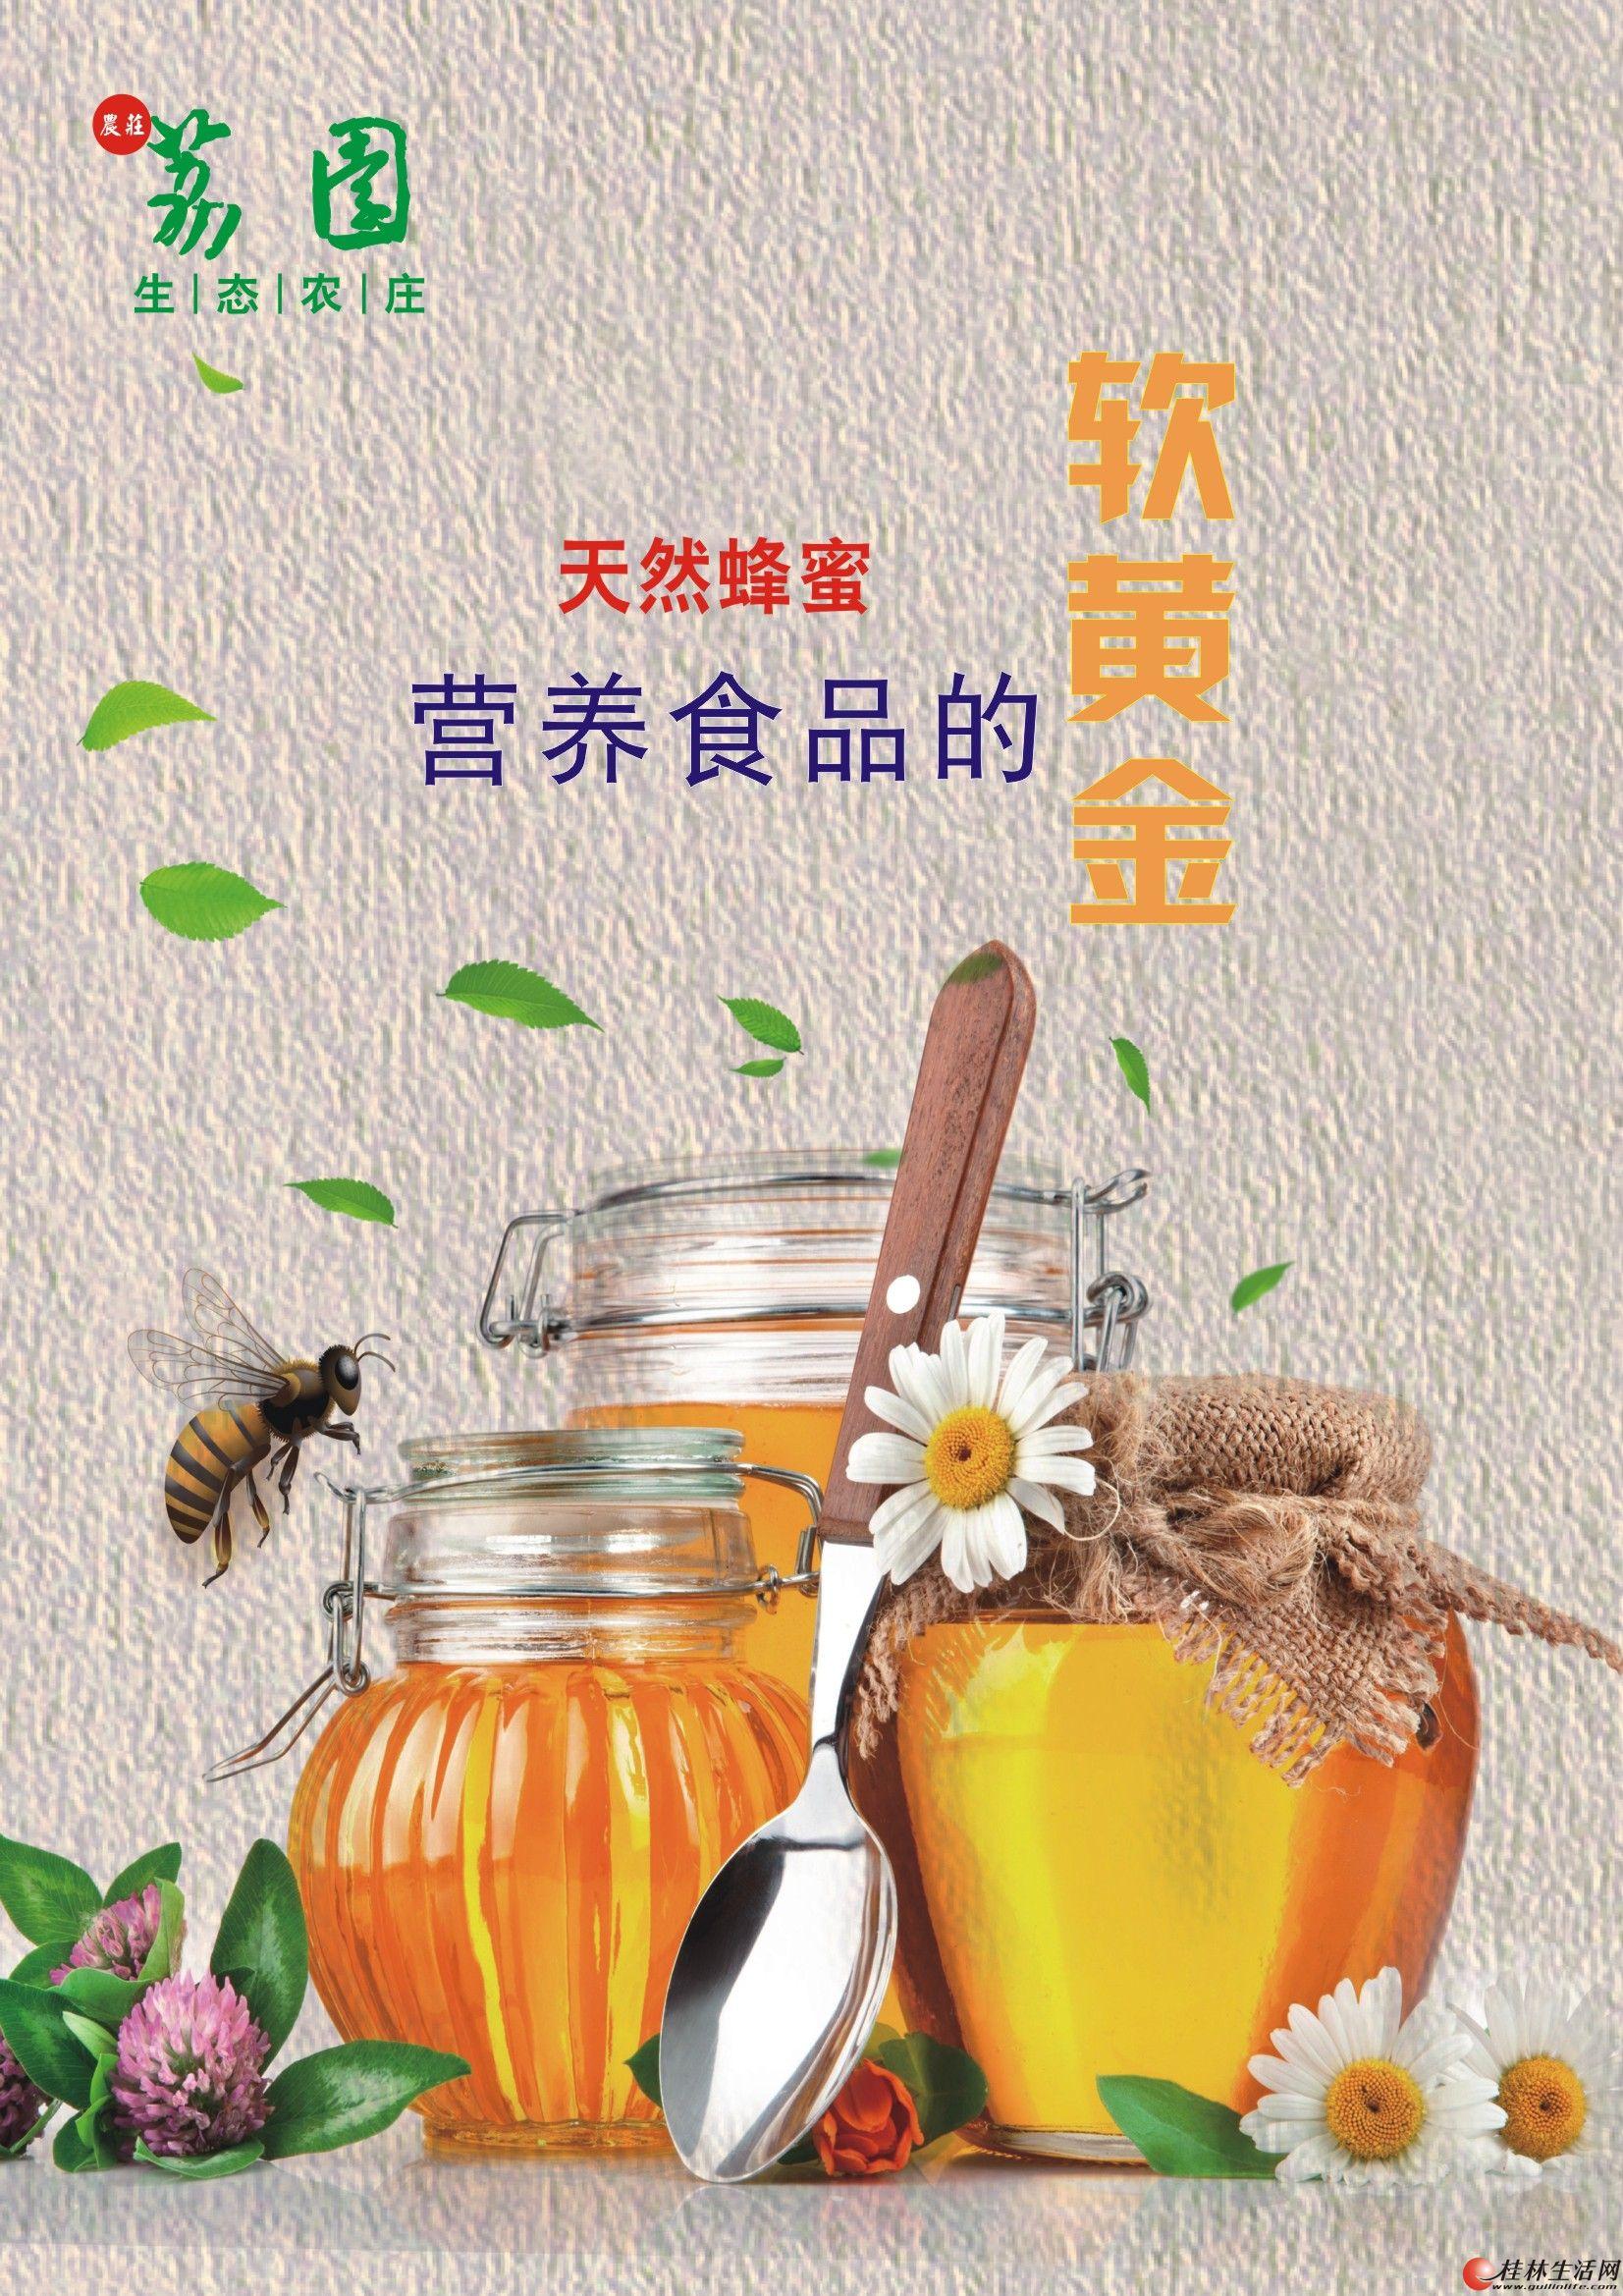 天然蜂蜜--质优价廉